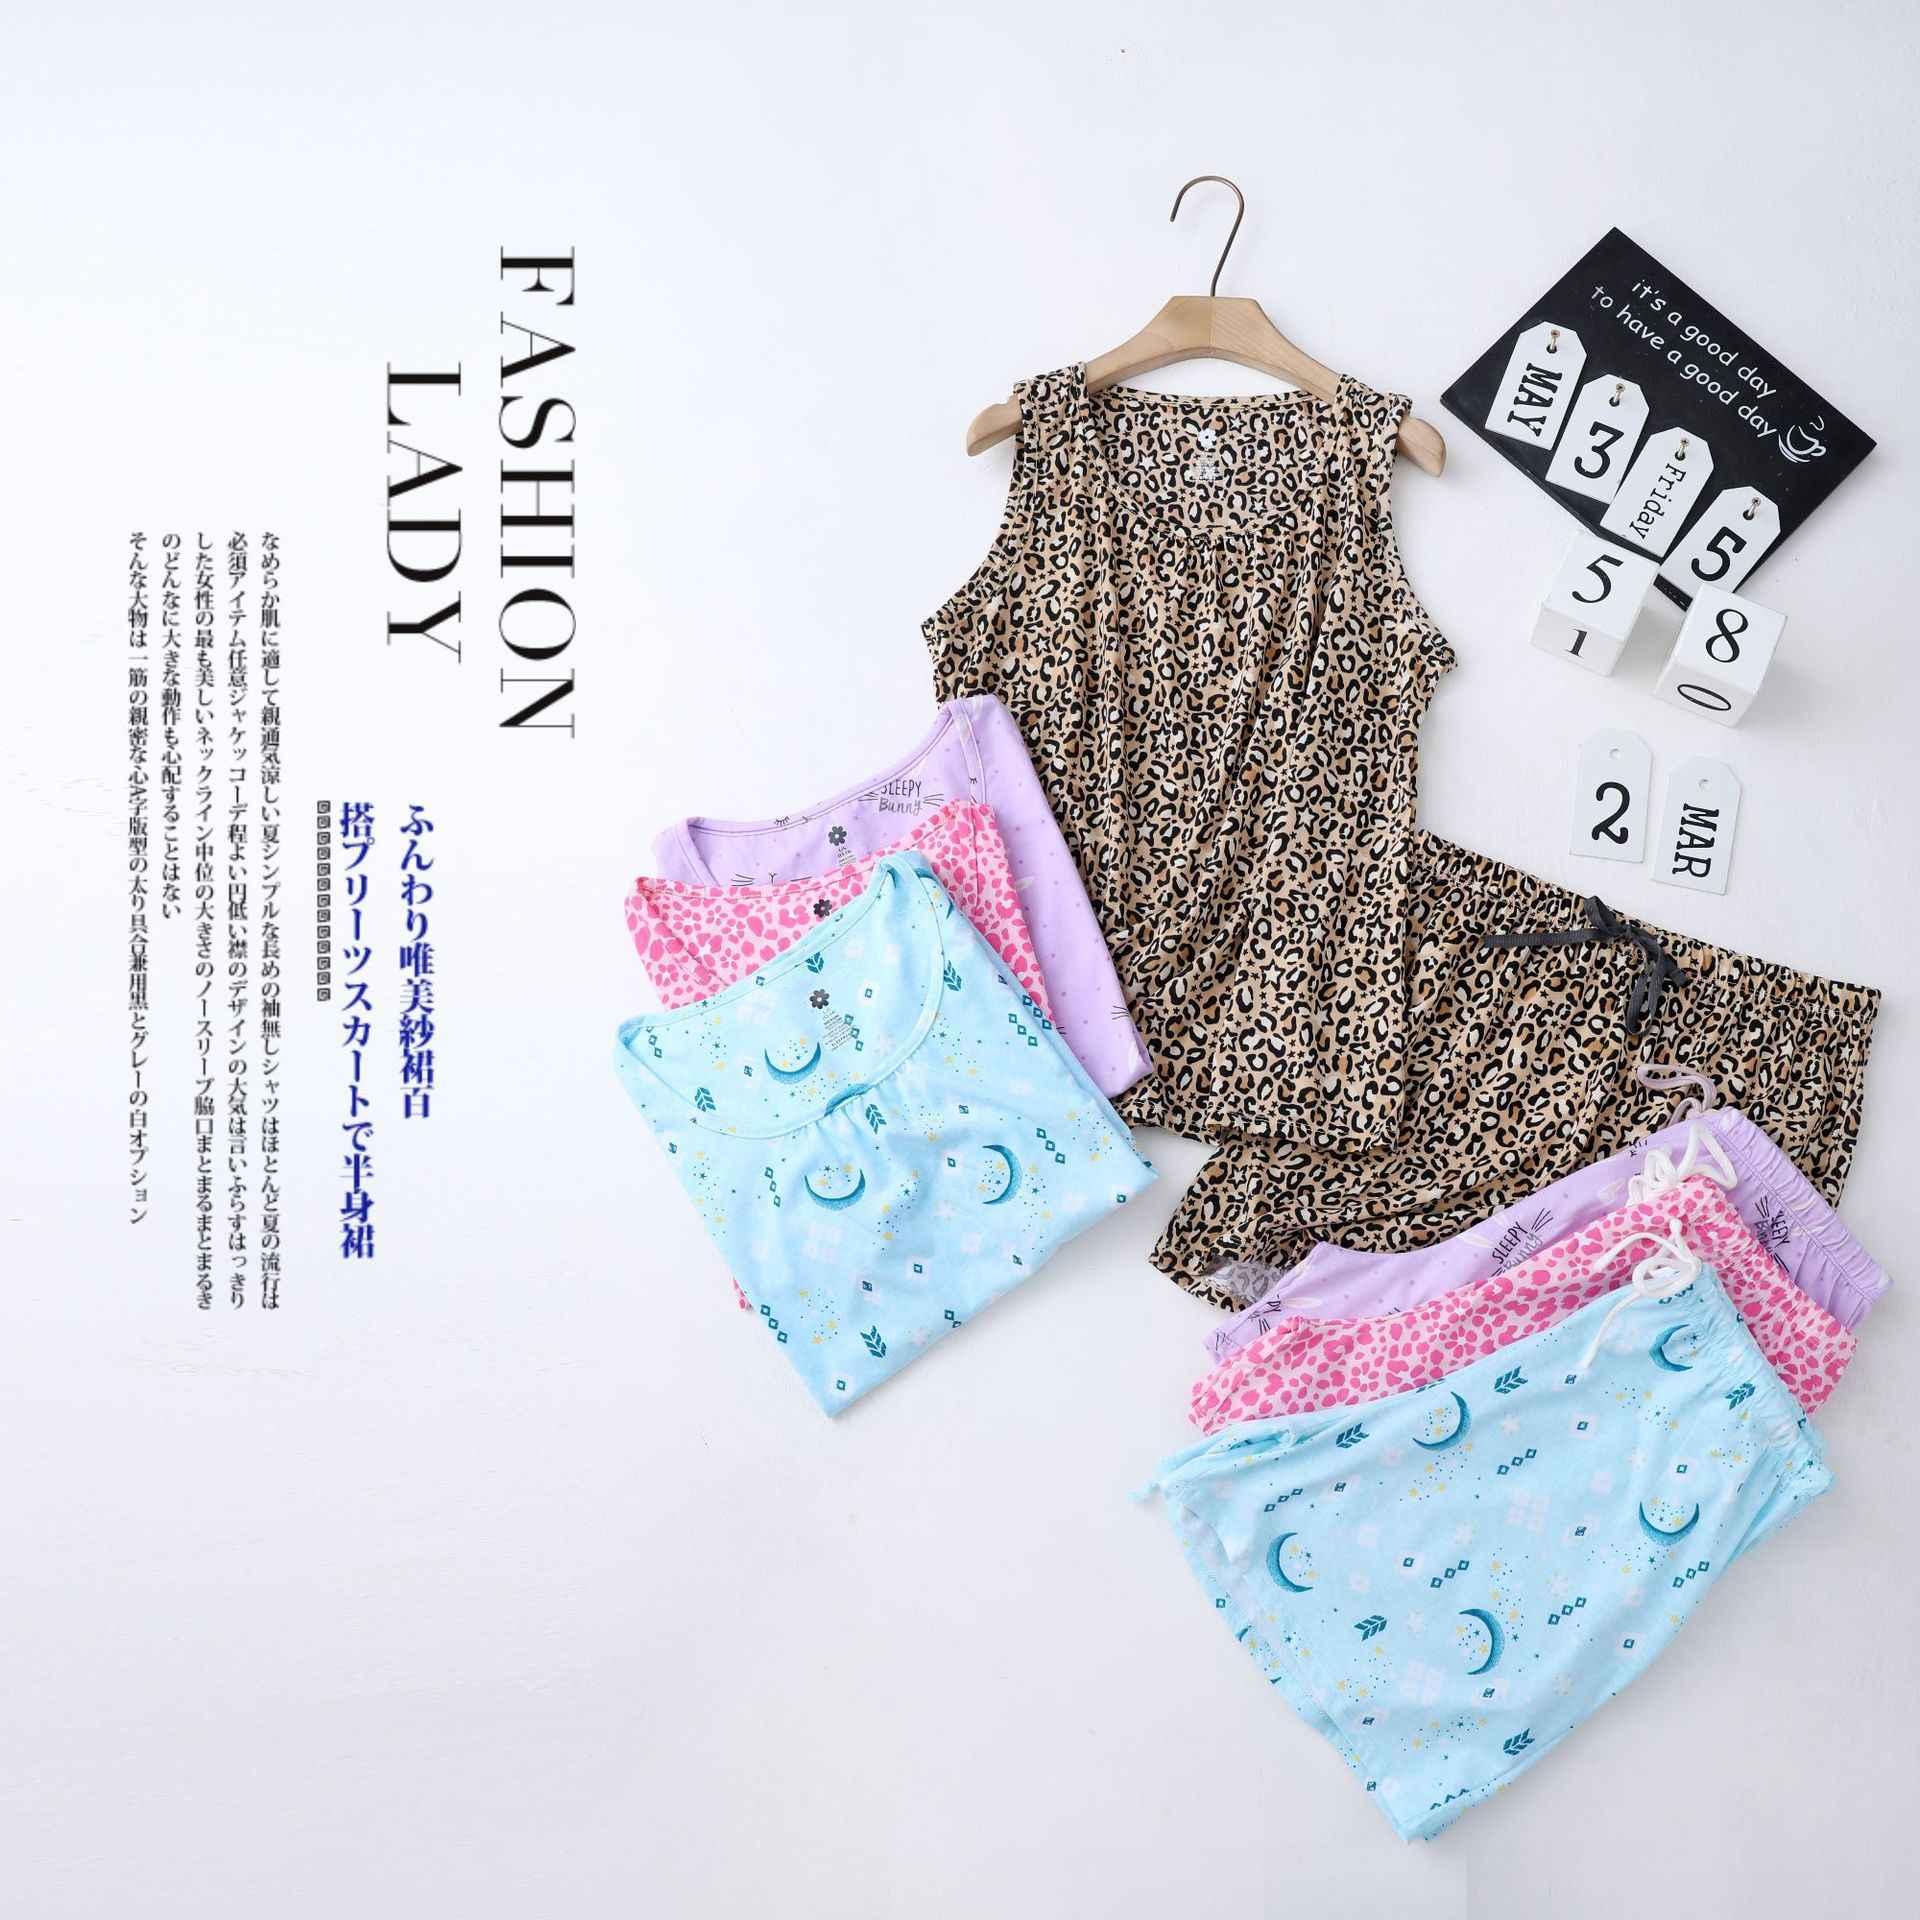 여름 아늑한 민소매 반바지 잠옷 세트 여성 잠옷 한국 섹시한 o-넥 반바지 잠옷 귀여운 만화 여성 잠옷